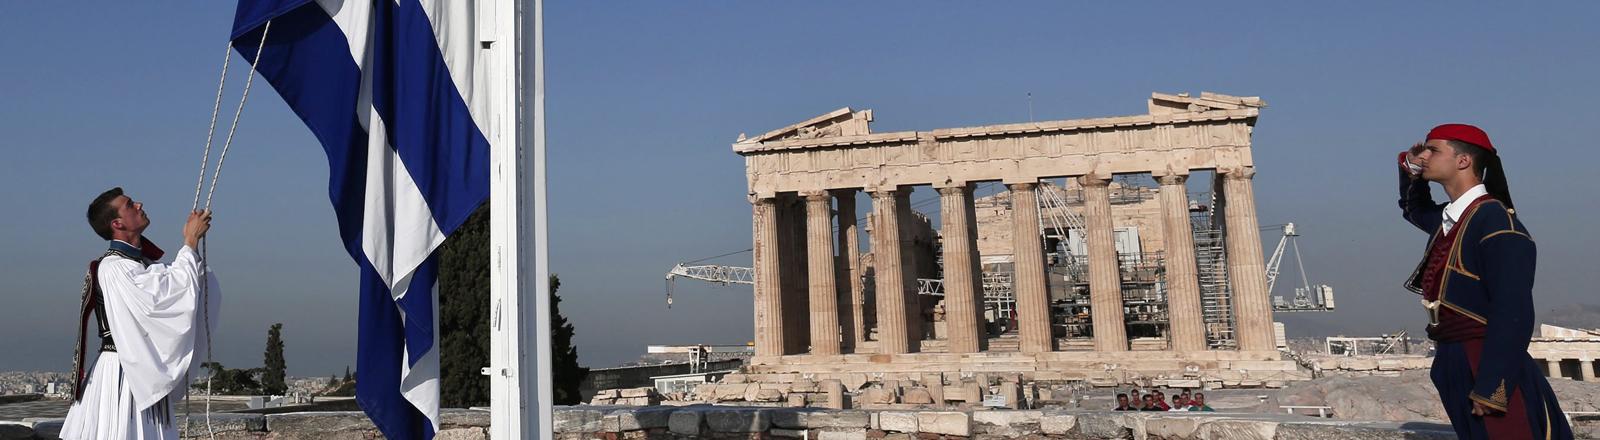 die griechische Flagge wird gehisst. Im Hintergrund: Die Akropolis